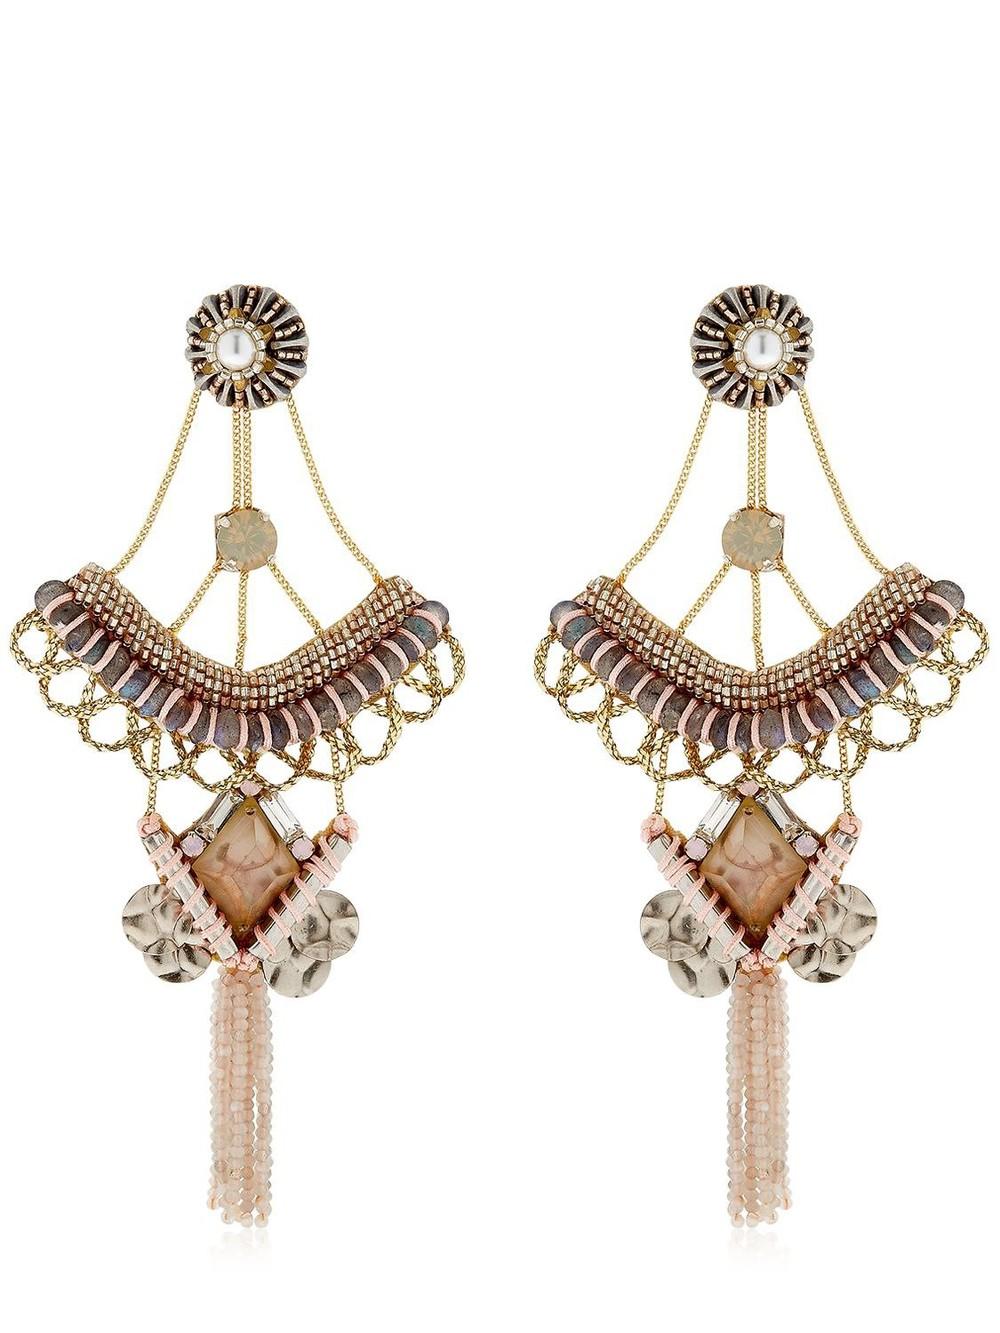 DEEPA GURNANI Fayette Earrings in pink